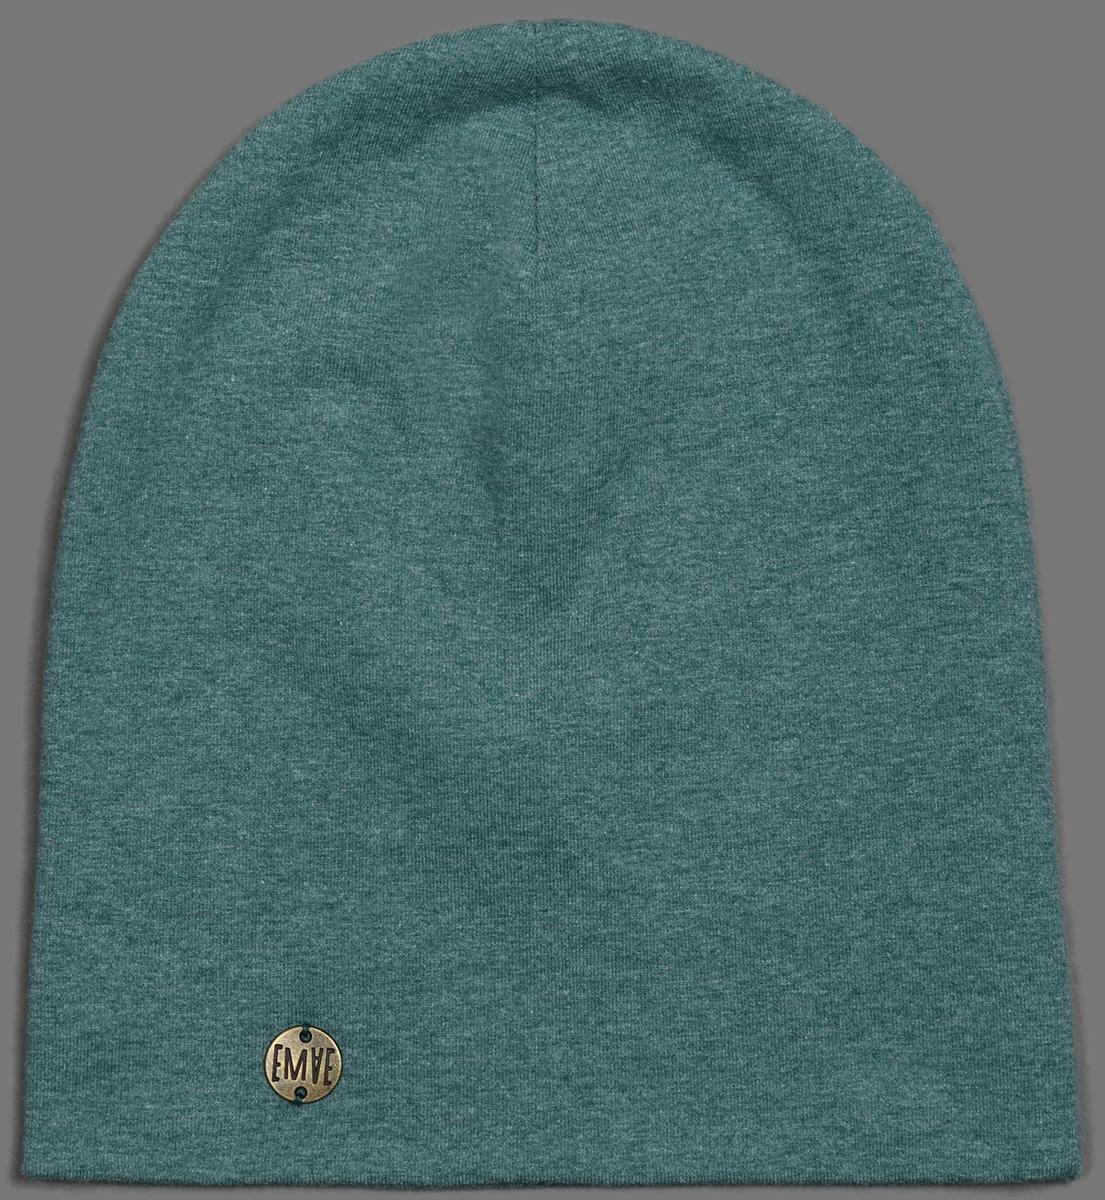 Шапка для мальчиков Ёмаё, цвет: зеленый. 45-607. Размер 5045-607Шапочка от ТМ ЁМАЁ, коллекуция Городские Сумасшедшие.